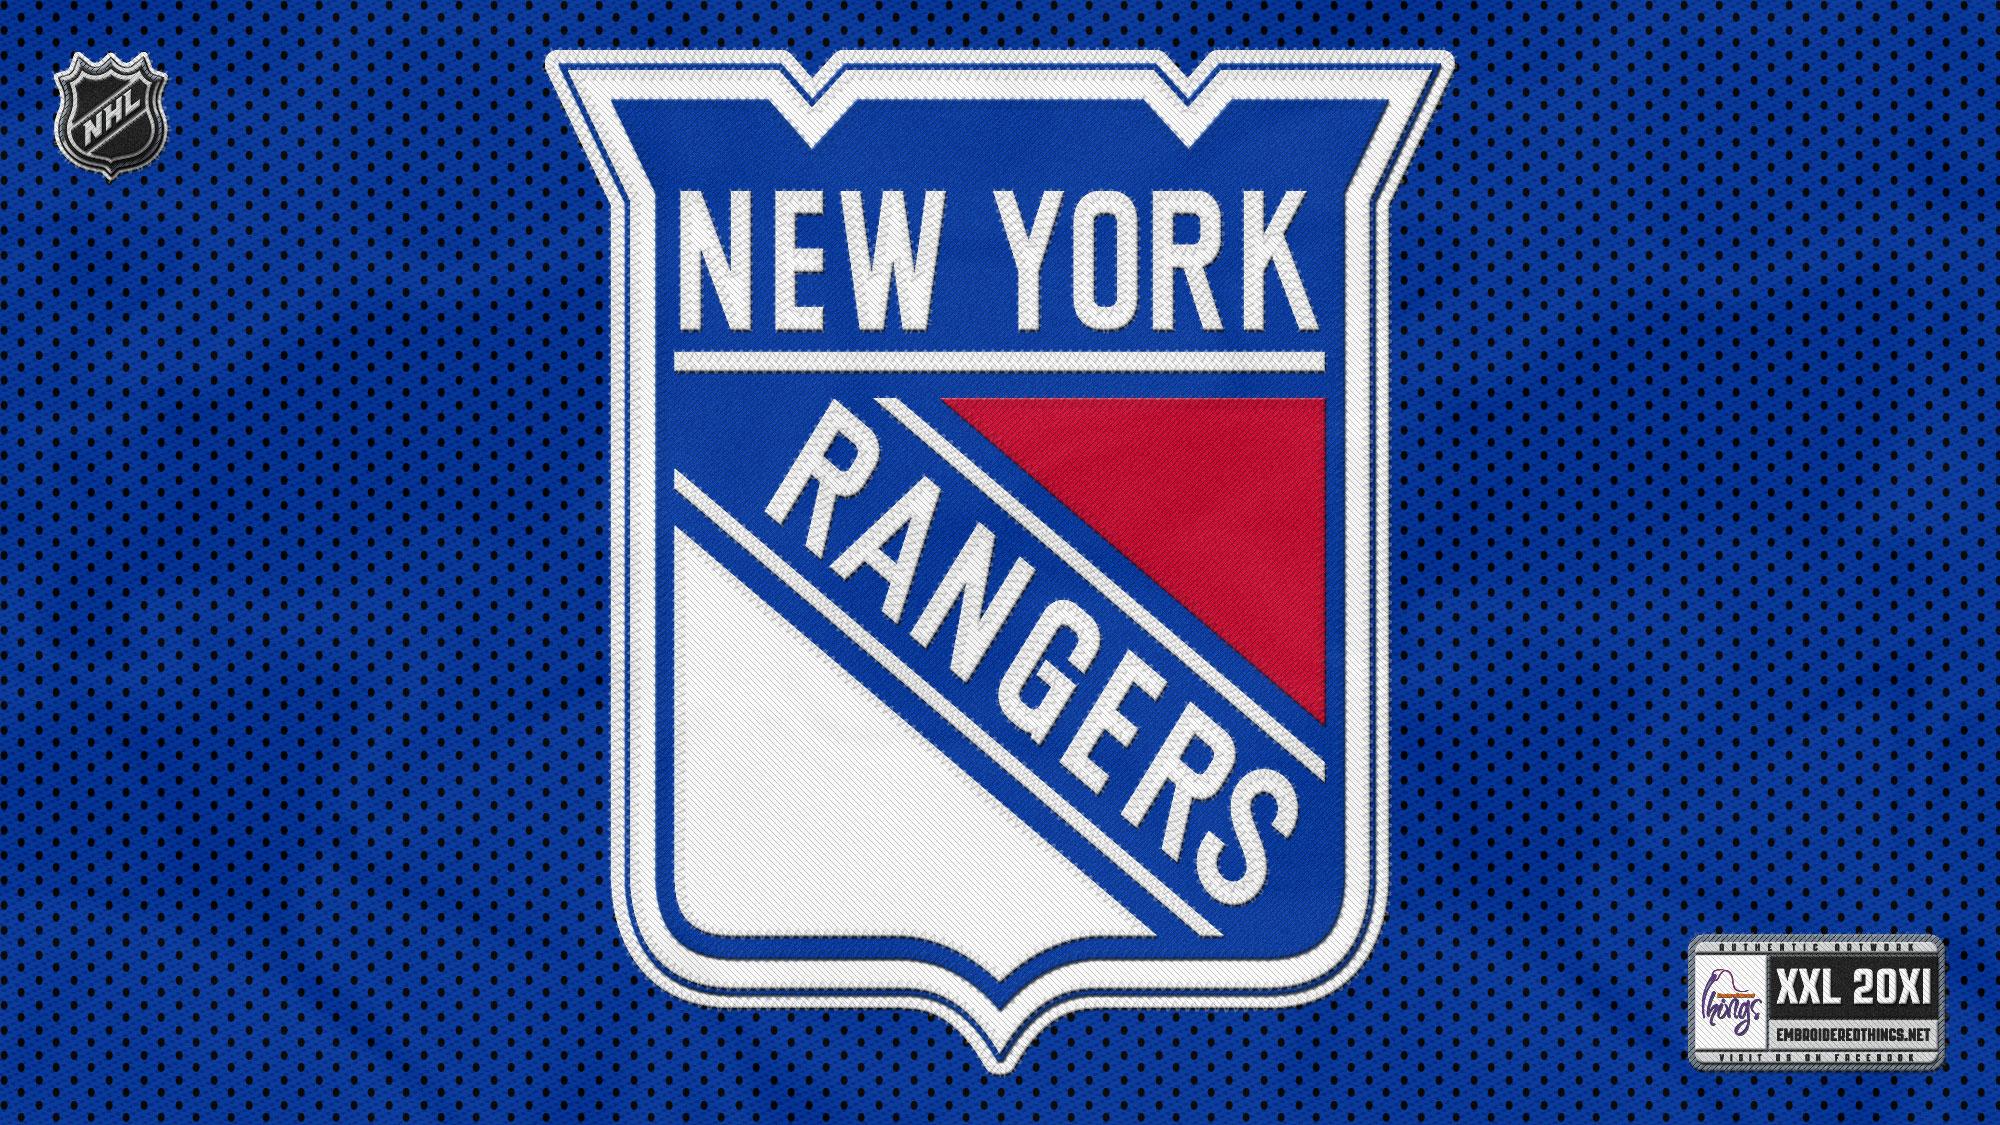 new york ny rangers logo MEMEs 2000x1125